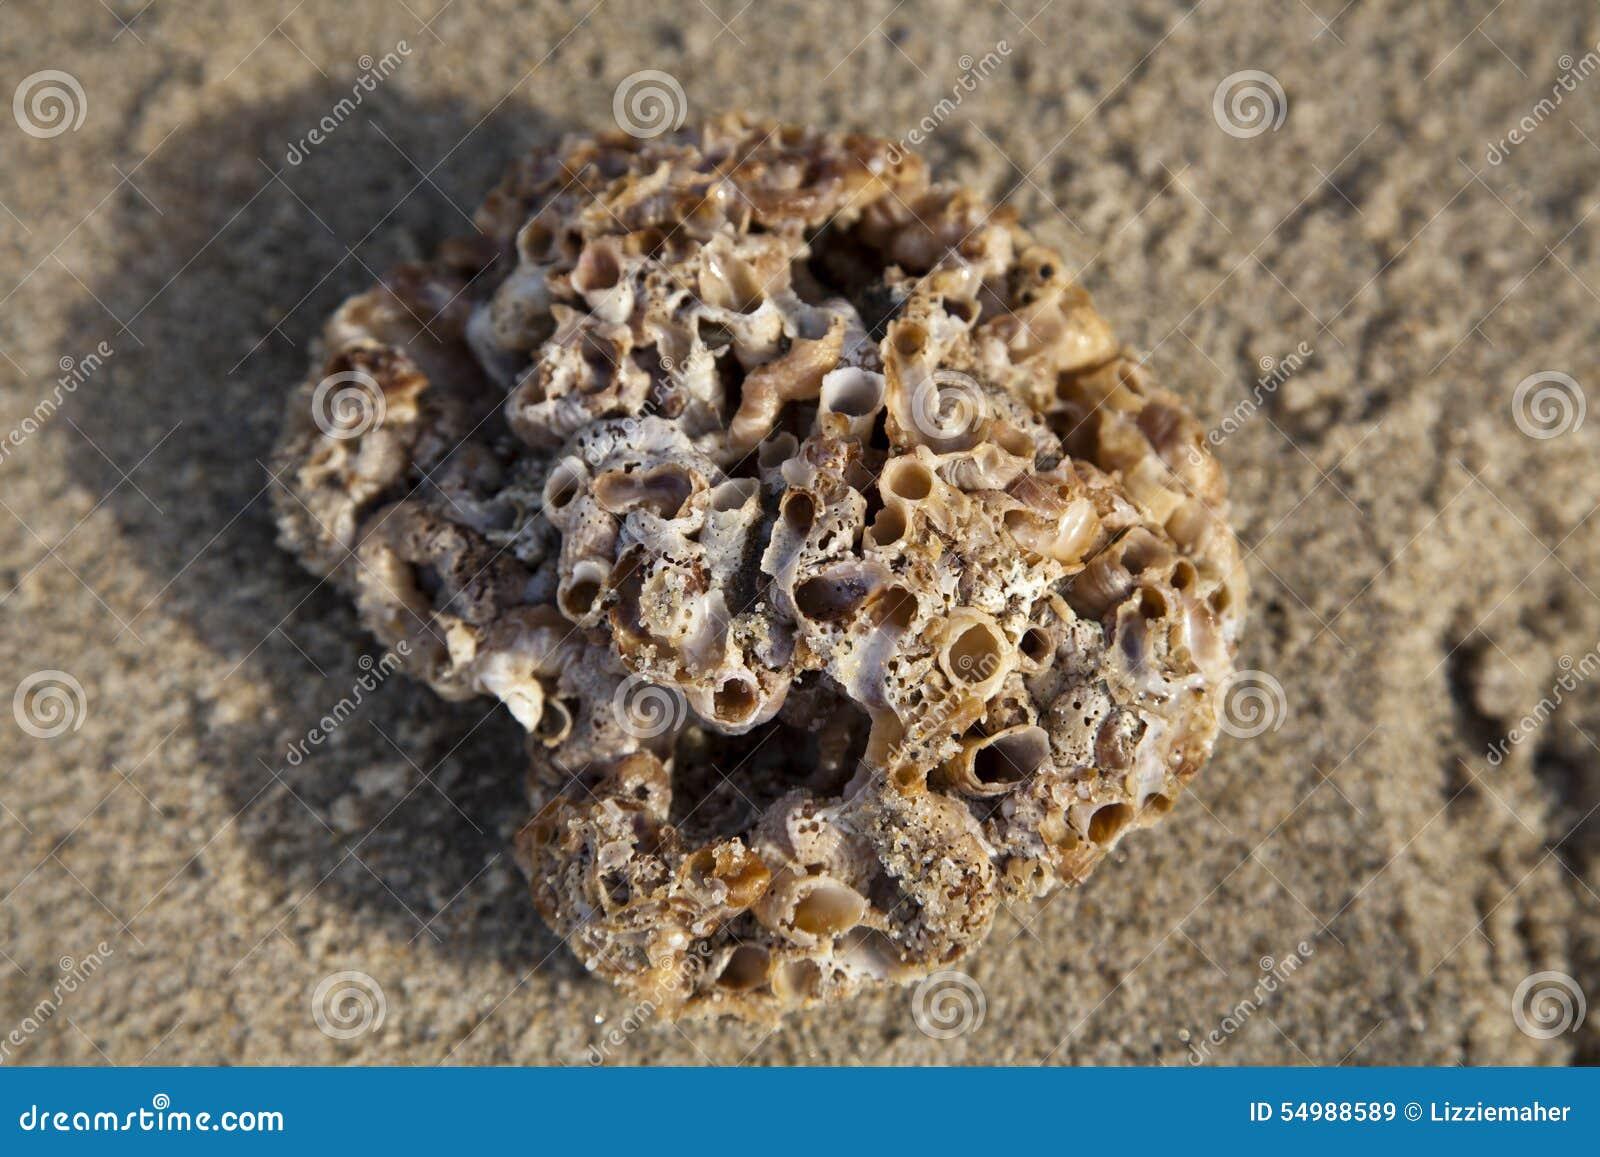 Tvättat upp korall